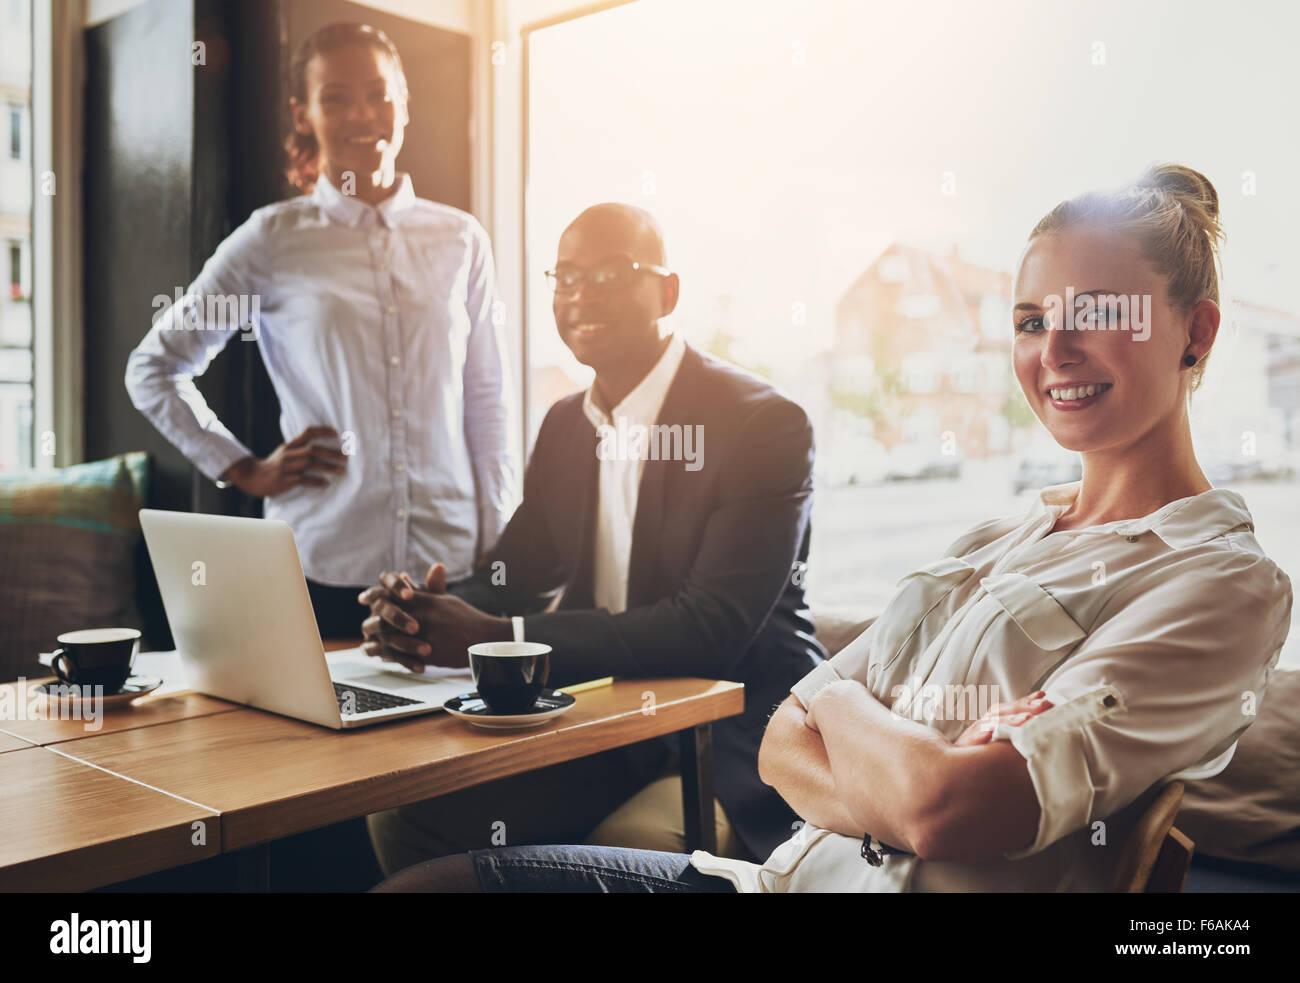 Gruppe der erfolgreiche Unternehmer, Geschäftsleute, multi-ethnische Gruppe arbeiten Stockbild